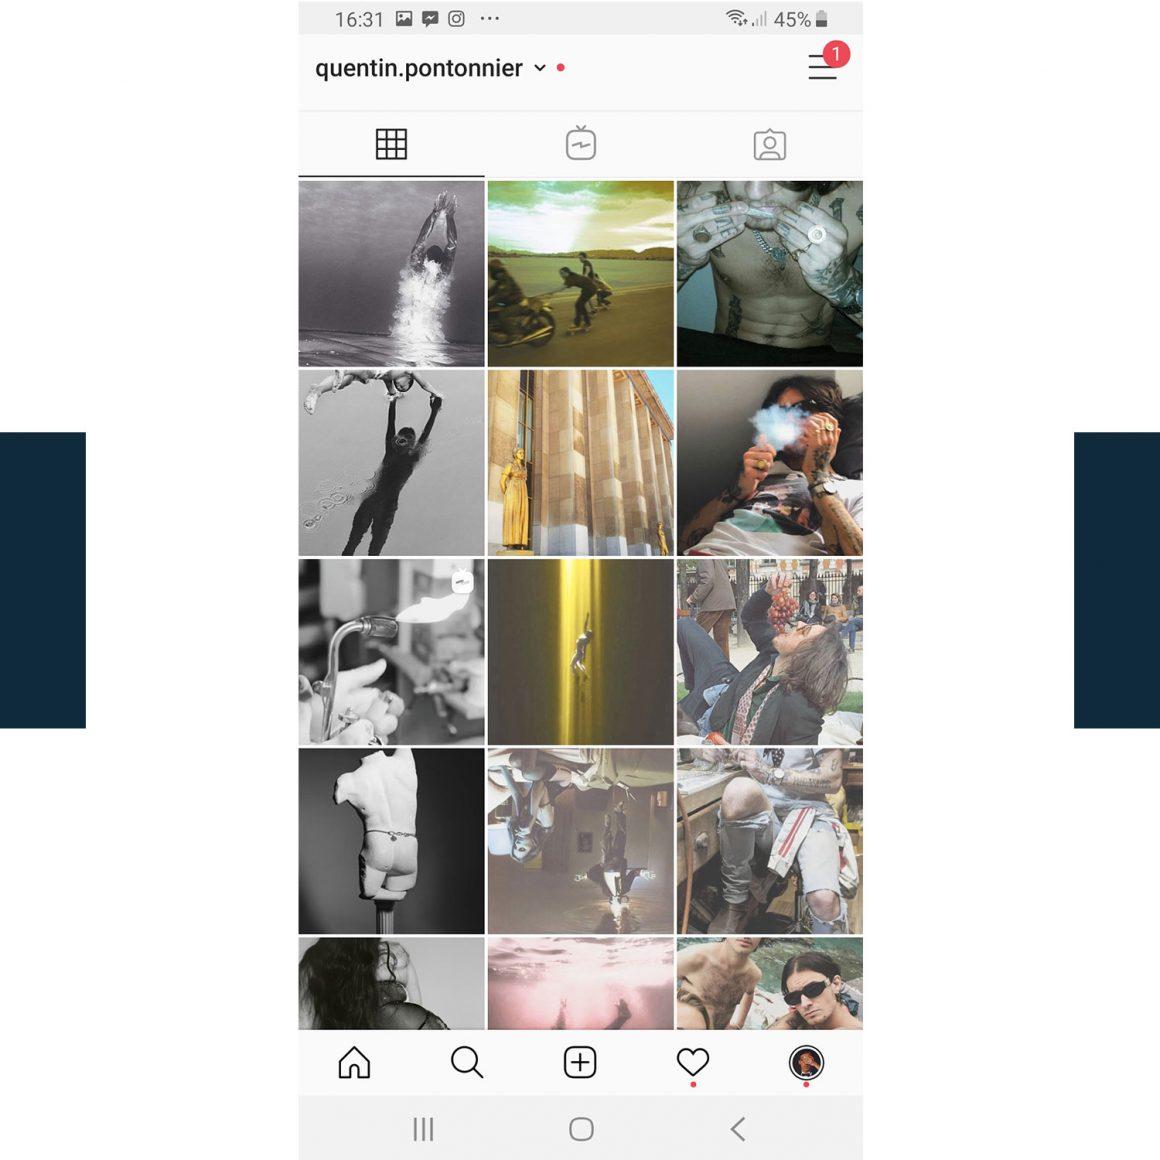 Capture d'écran du compte Instagram de Quentin Pontonnier